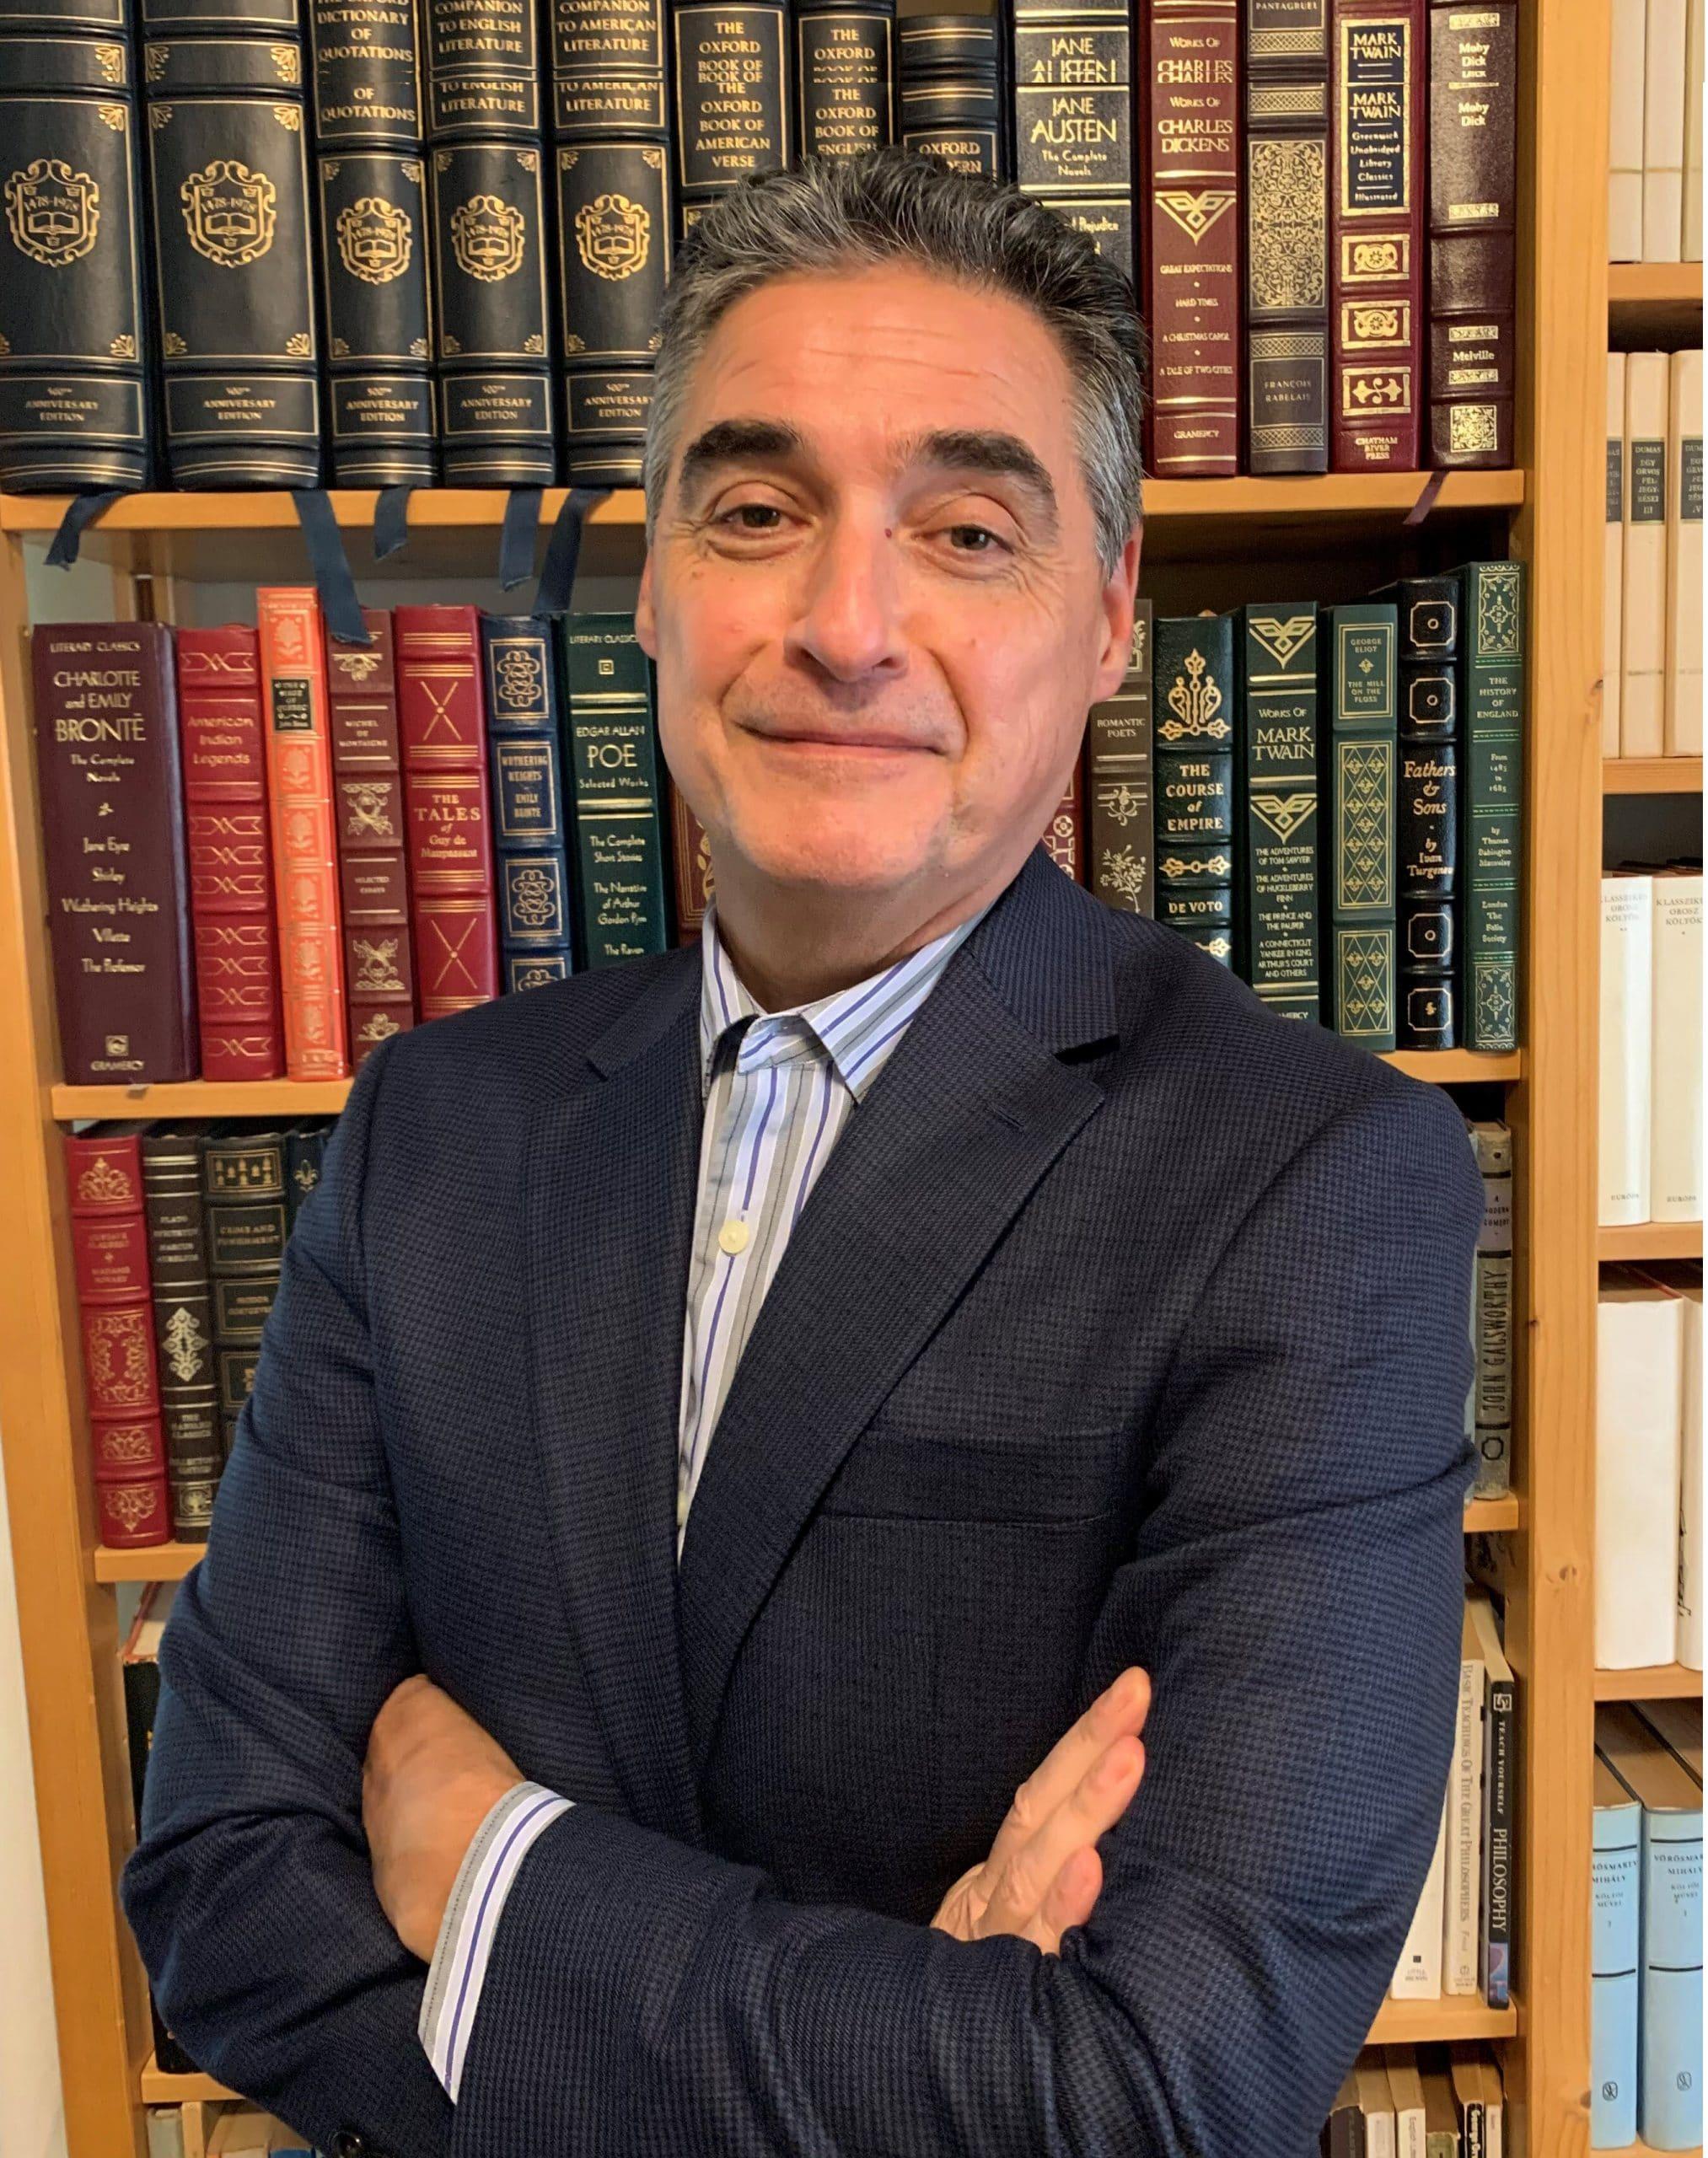 George Rado